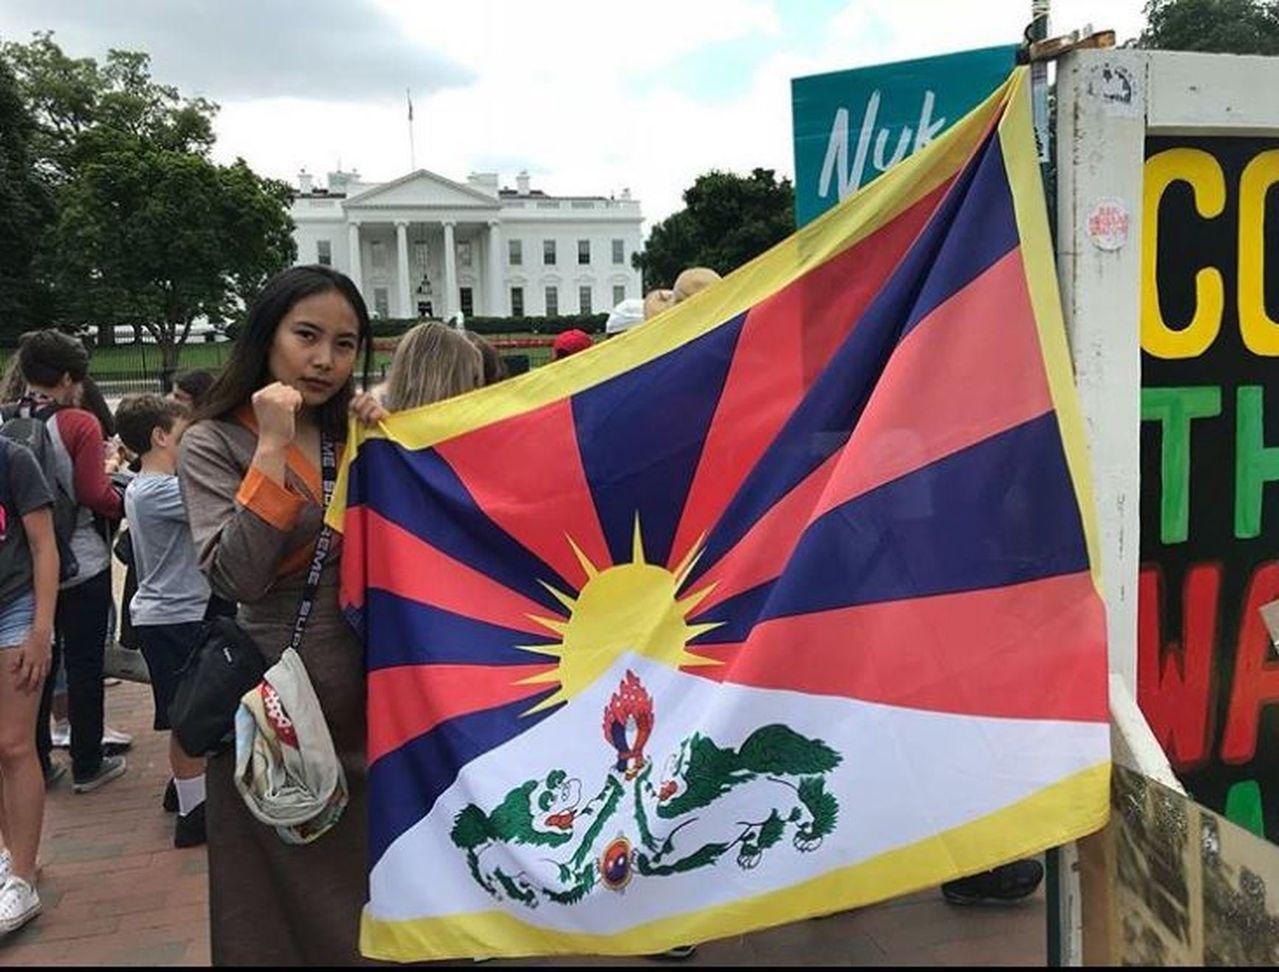 中國留學生攻擊藏獨,多倫多大學成角力場。 世界日報記者蘇妍鳳/攝影